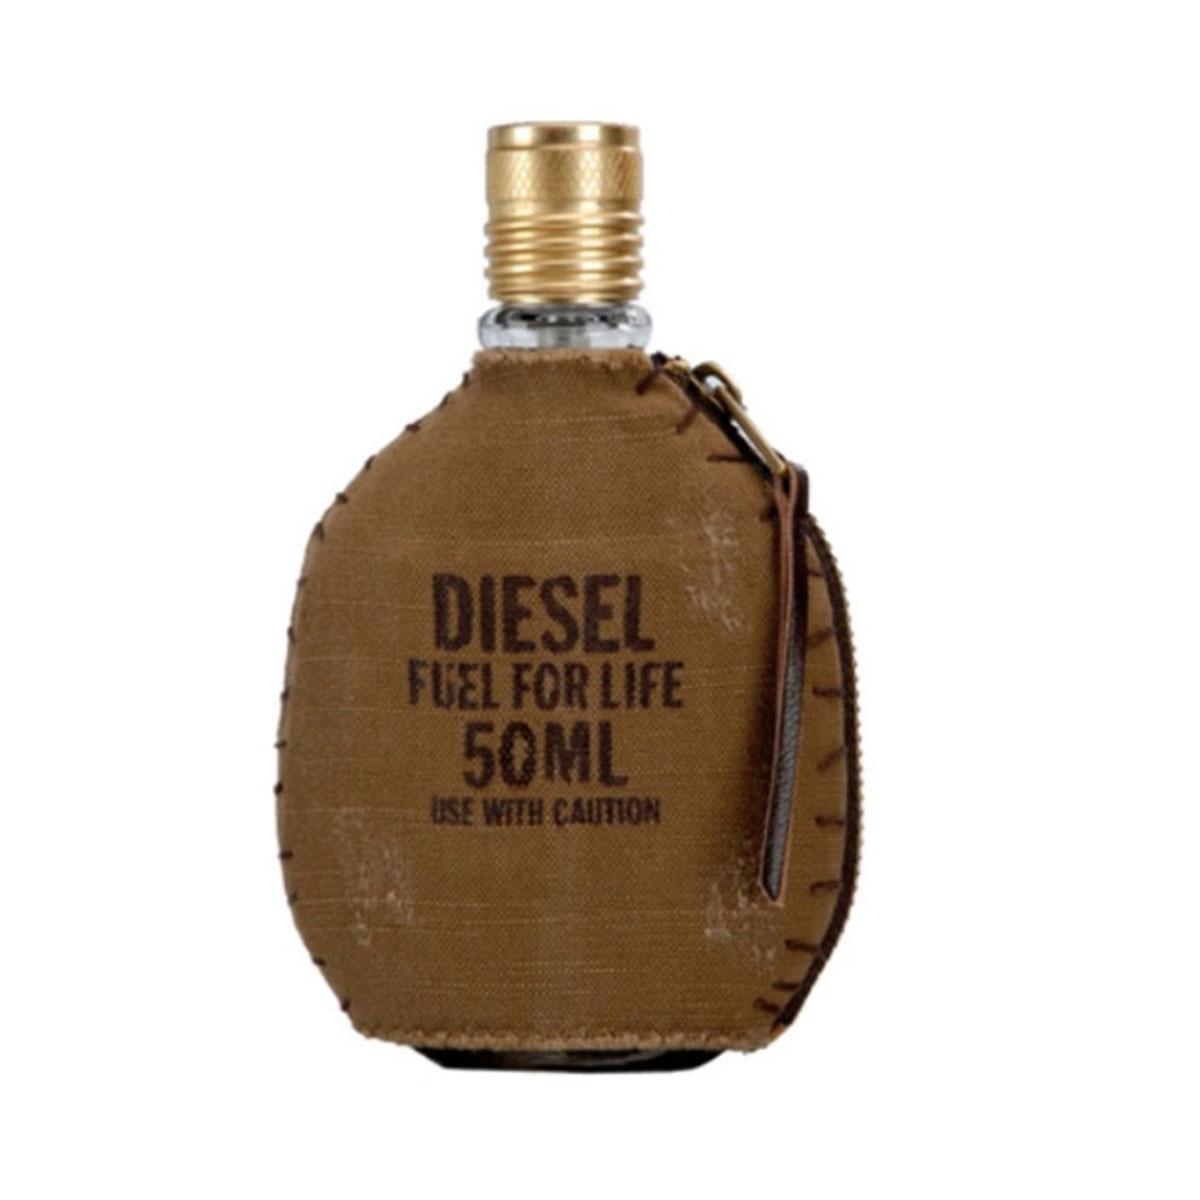 Diesel fuel for life homme eau de toilette 50ml vaporizador